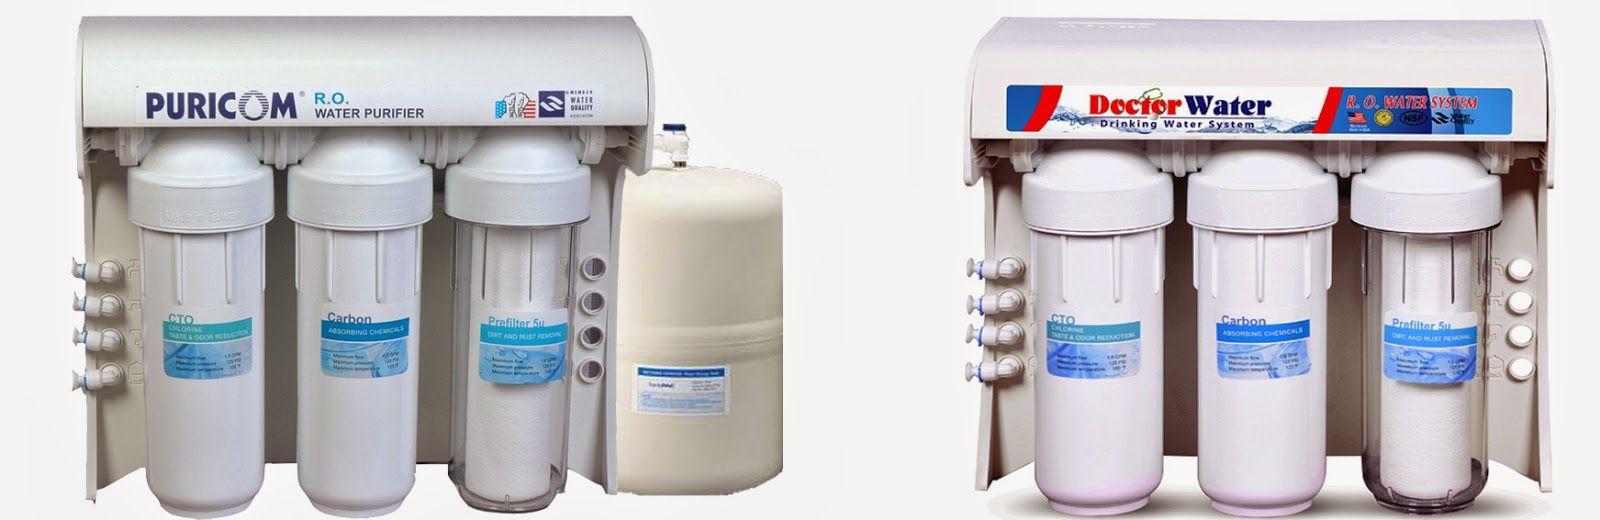 افضل فلتر مياه فى مصر اسعارفلاترالمياه أسعار فلتر المياه دكتور ووتر 12 مرحلة Water Filter Convenience Store Products Purifier